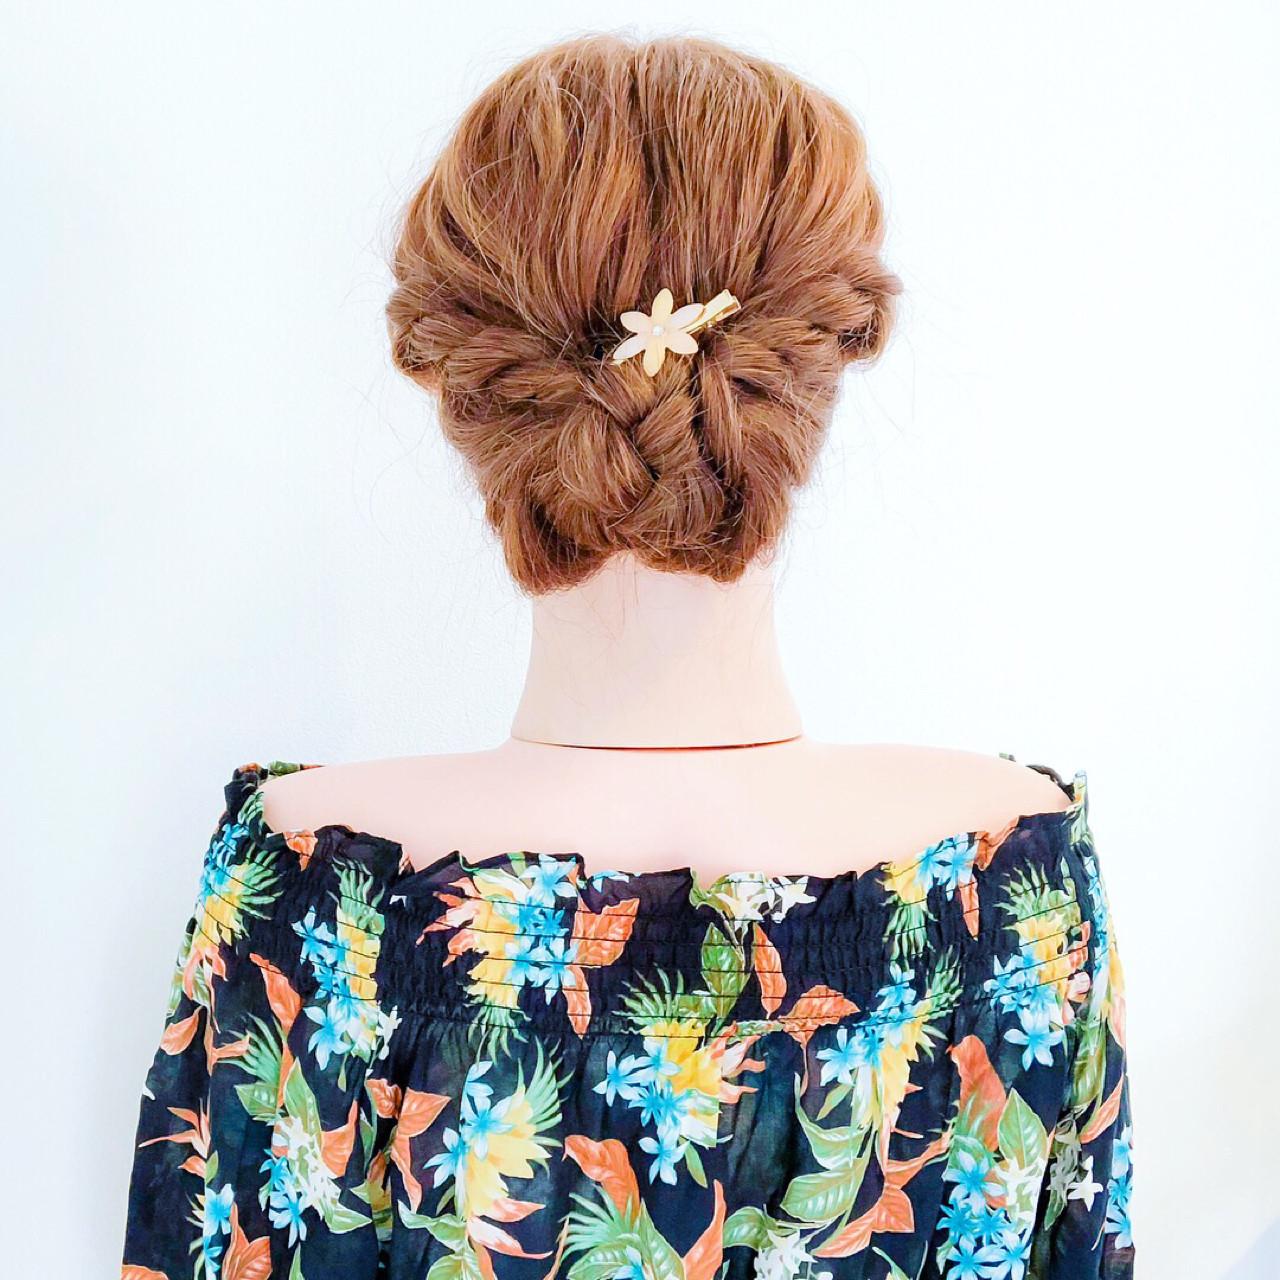 大人かわいい 夏 結婚式 涼しげ ヘアスタイルや髪型の写真・画像